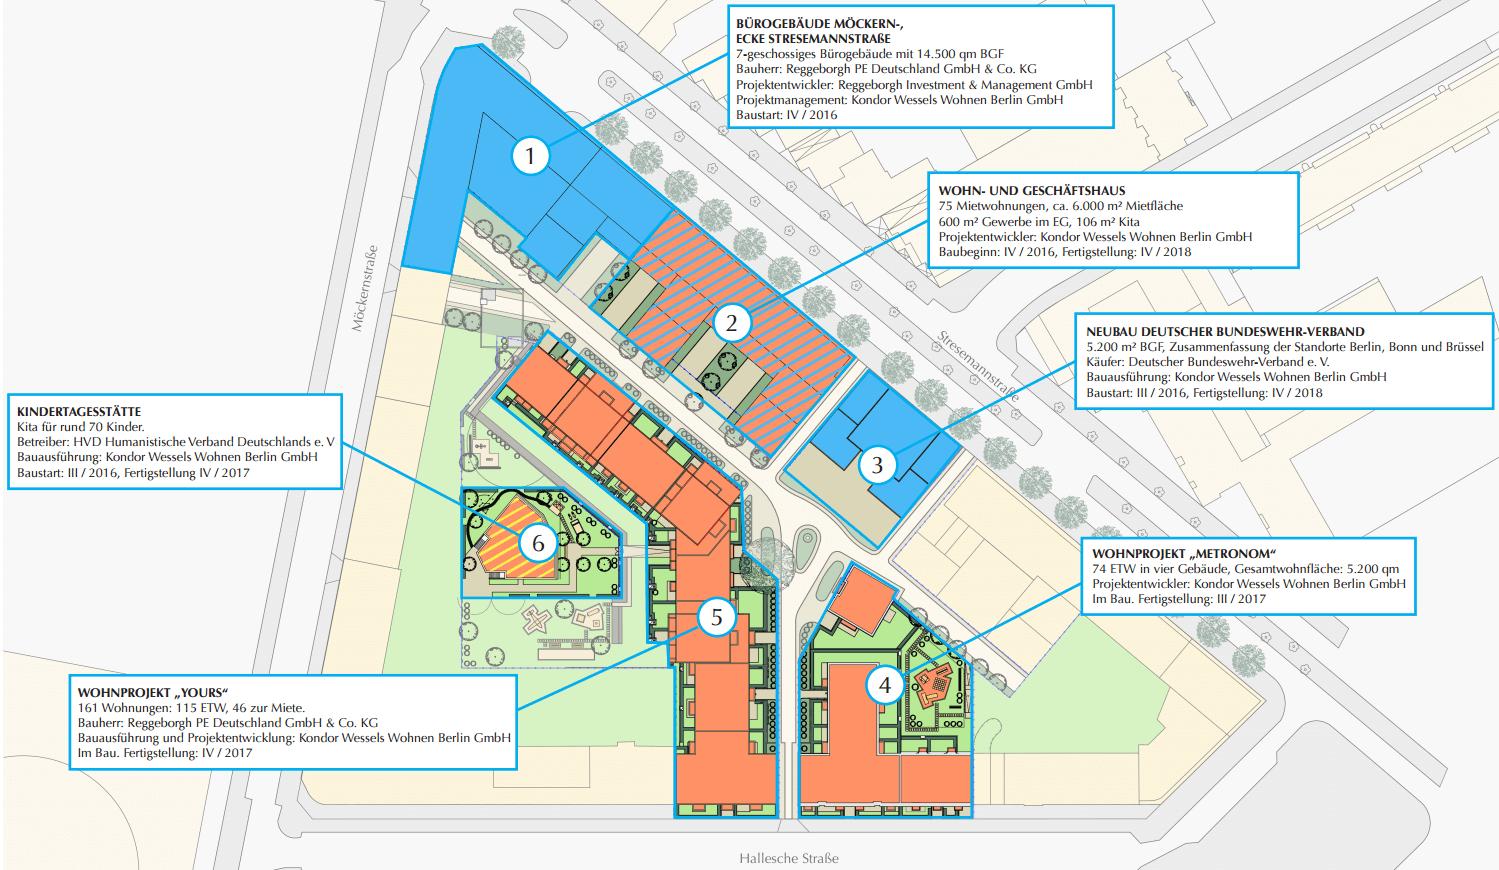 So teilt sich das Quartier Hallesche Straße auf: Im Hof zur südlichen Hallesche Straße Wohnungen, im Norden zur Stresemannstraße und Anhalterbahnhof Büros. (Skizze: Kondor Wessels Berlin GmbH)